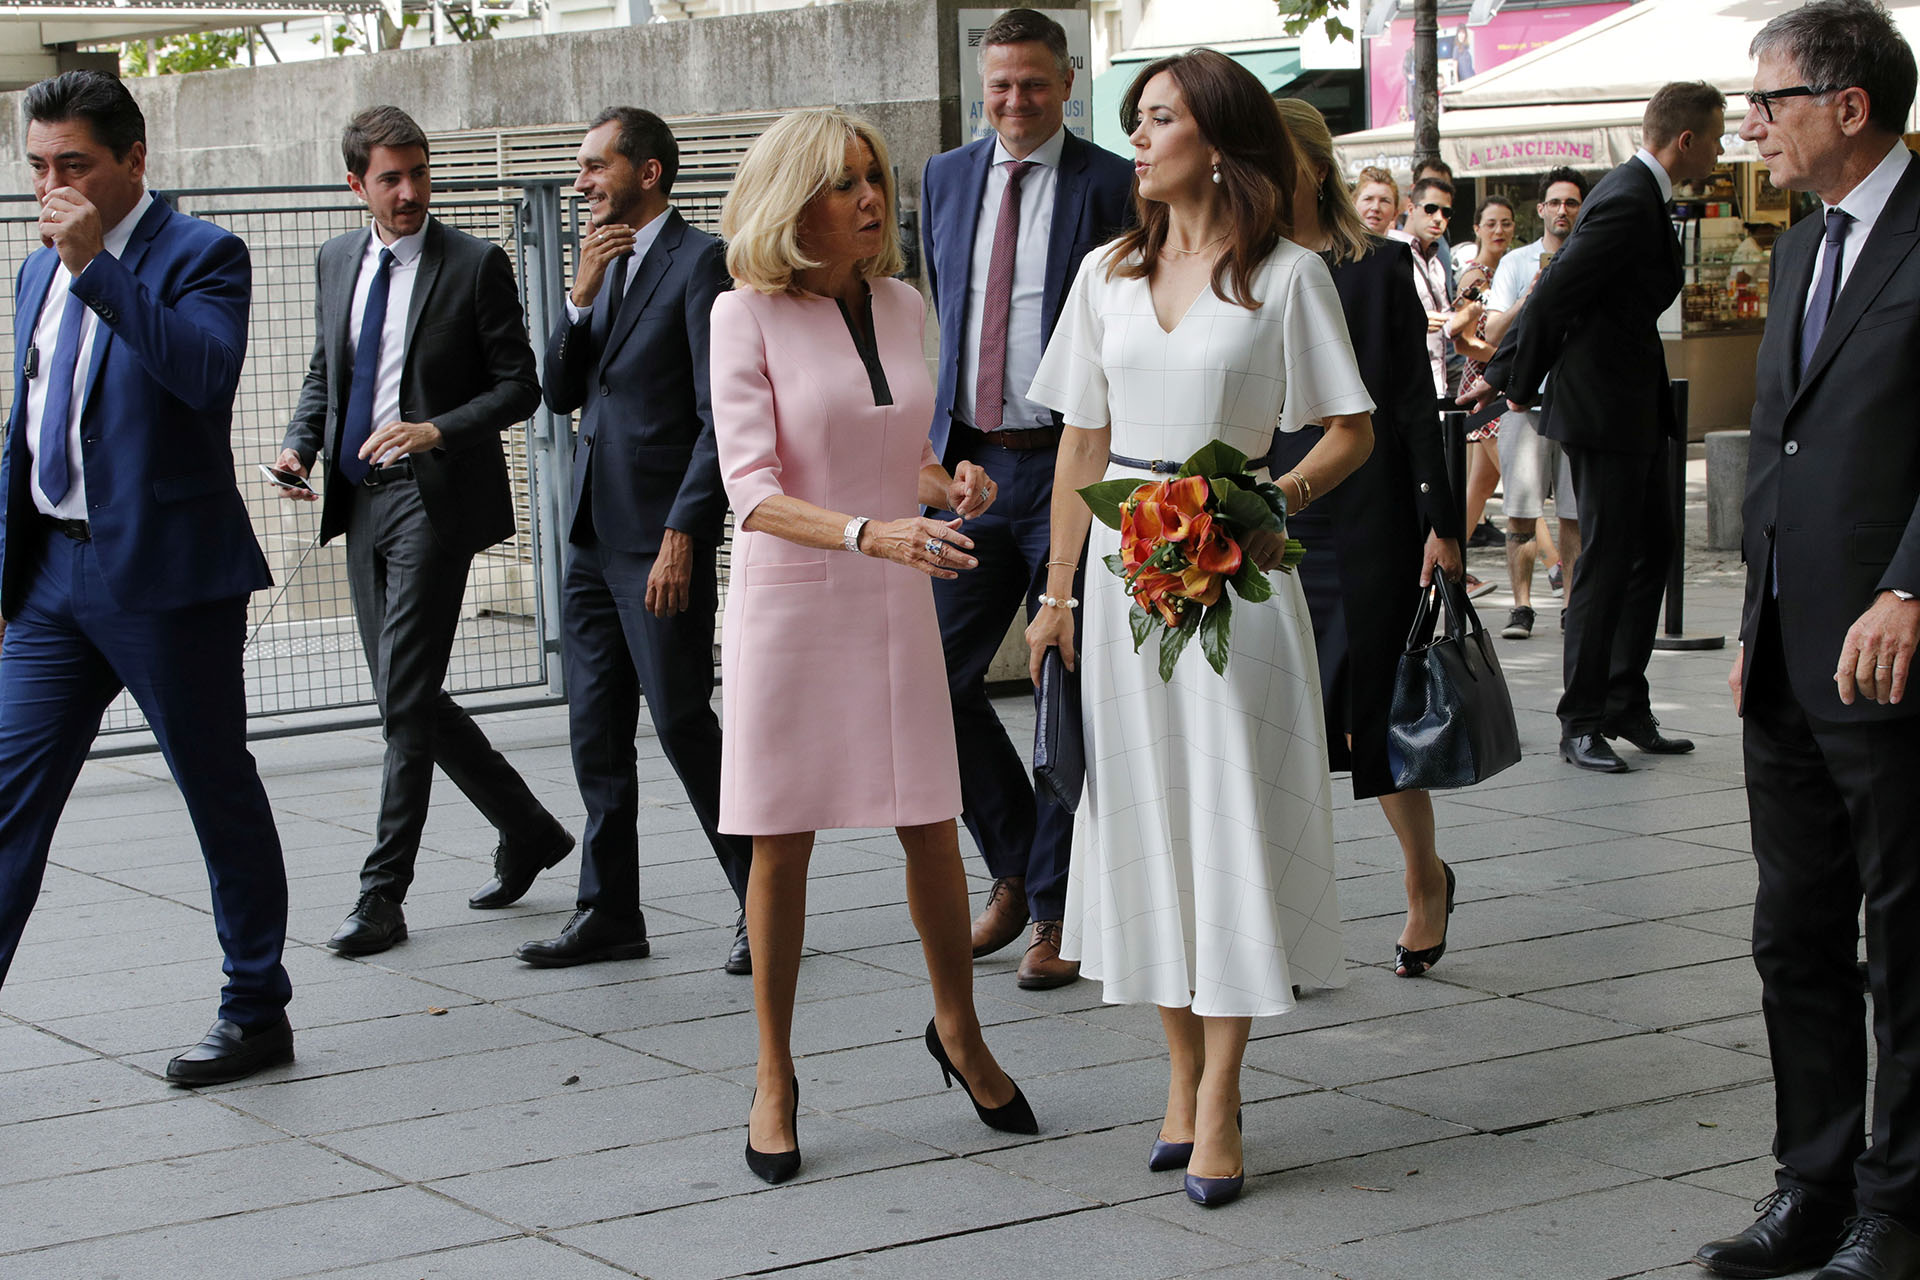 Por su parte, la princesa de 47 años eligió cubrir sus rodillas, con un vestido blanco con delicadas líneas finas, con falda midi y un cinturón que marcaba su figura